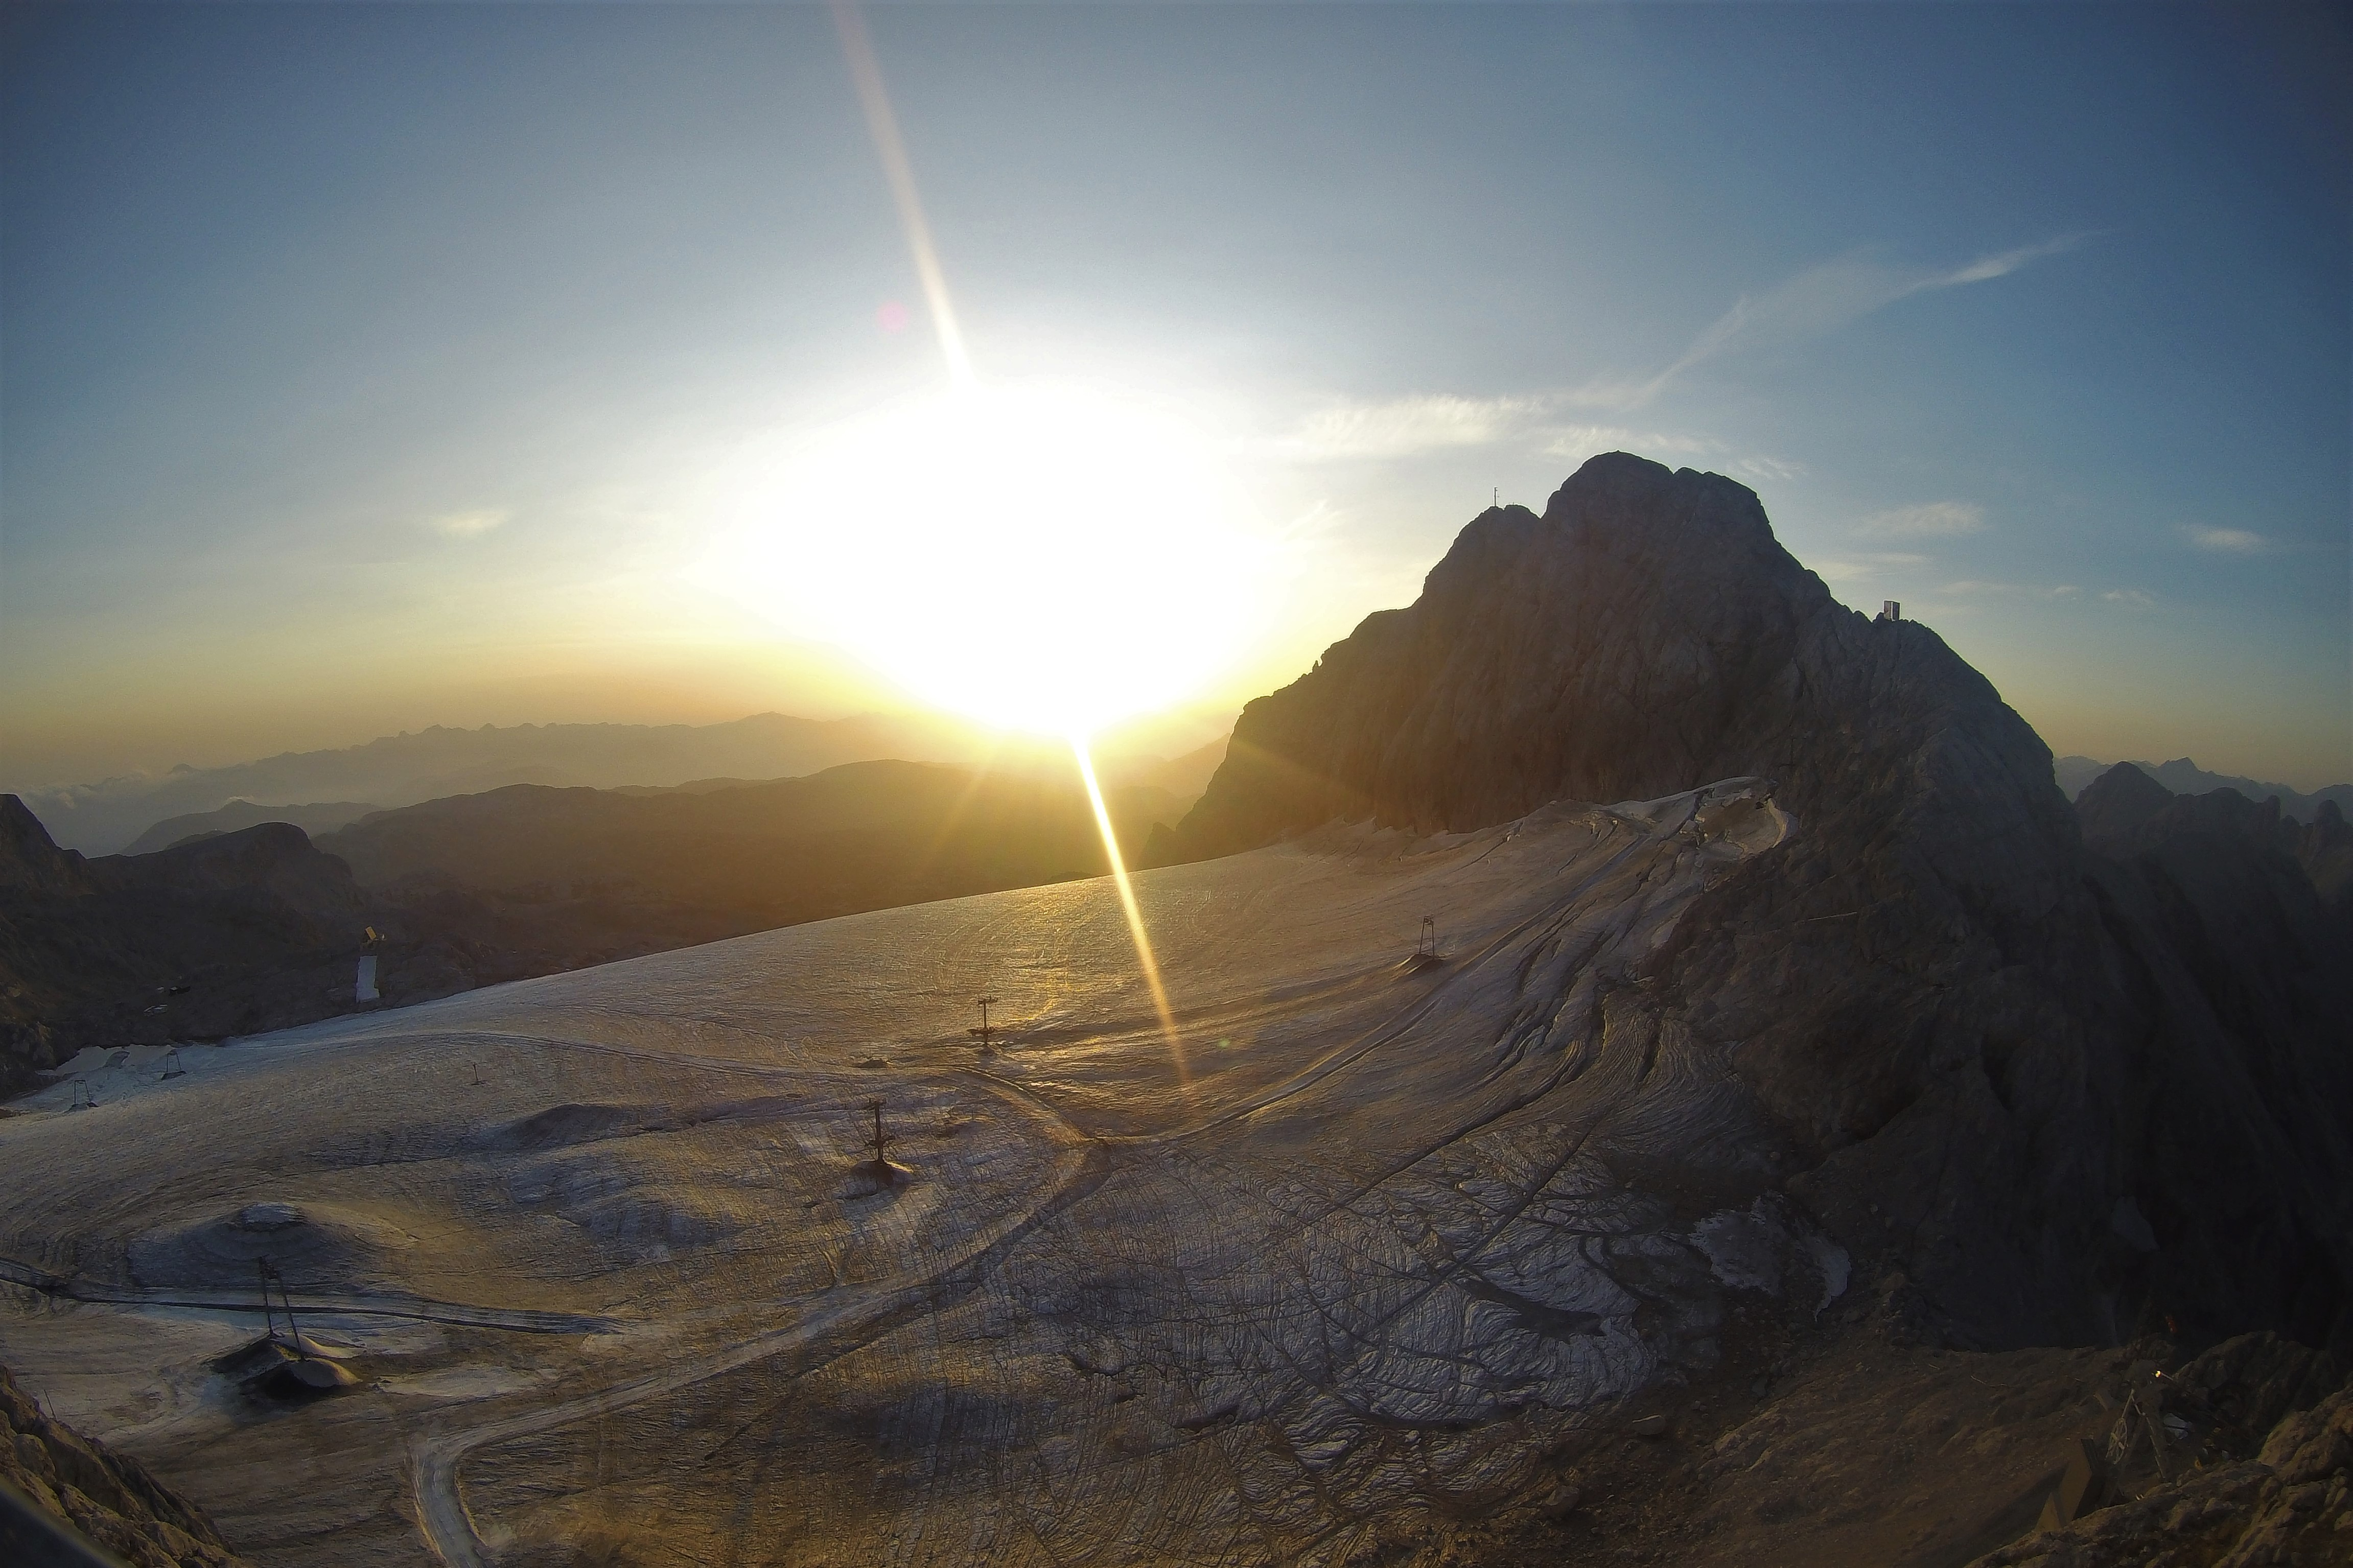 Sonnenaufgang am Dachstein Gletscher